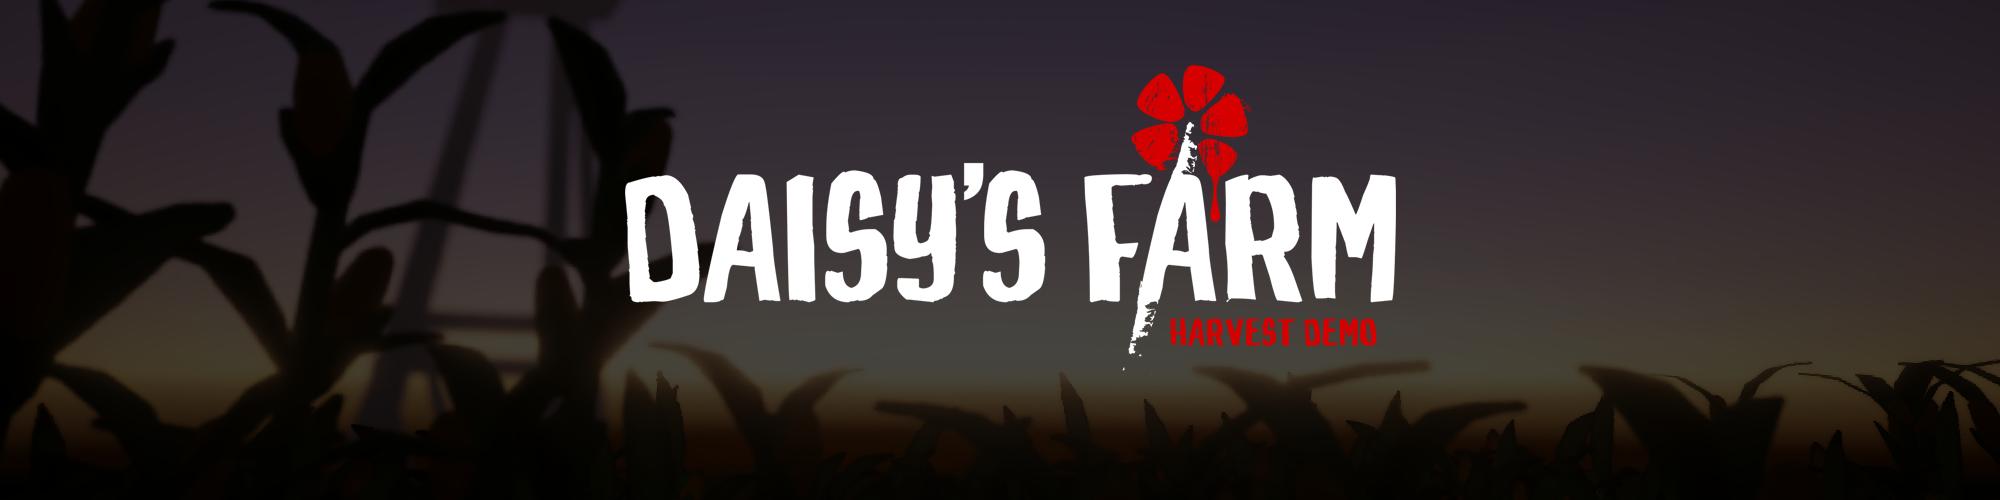 Daisy's Farm: Harvest Demo